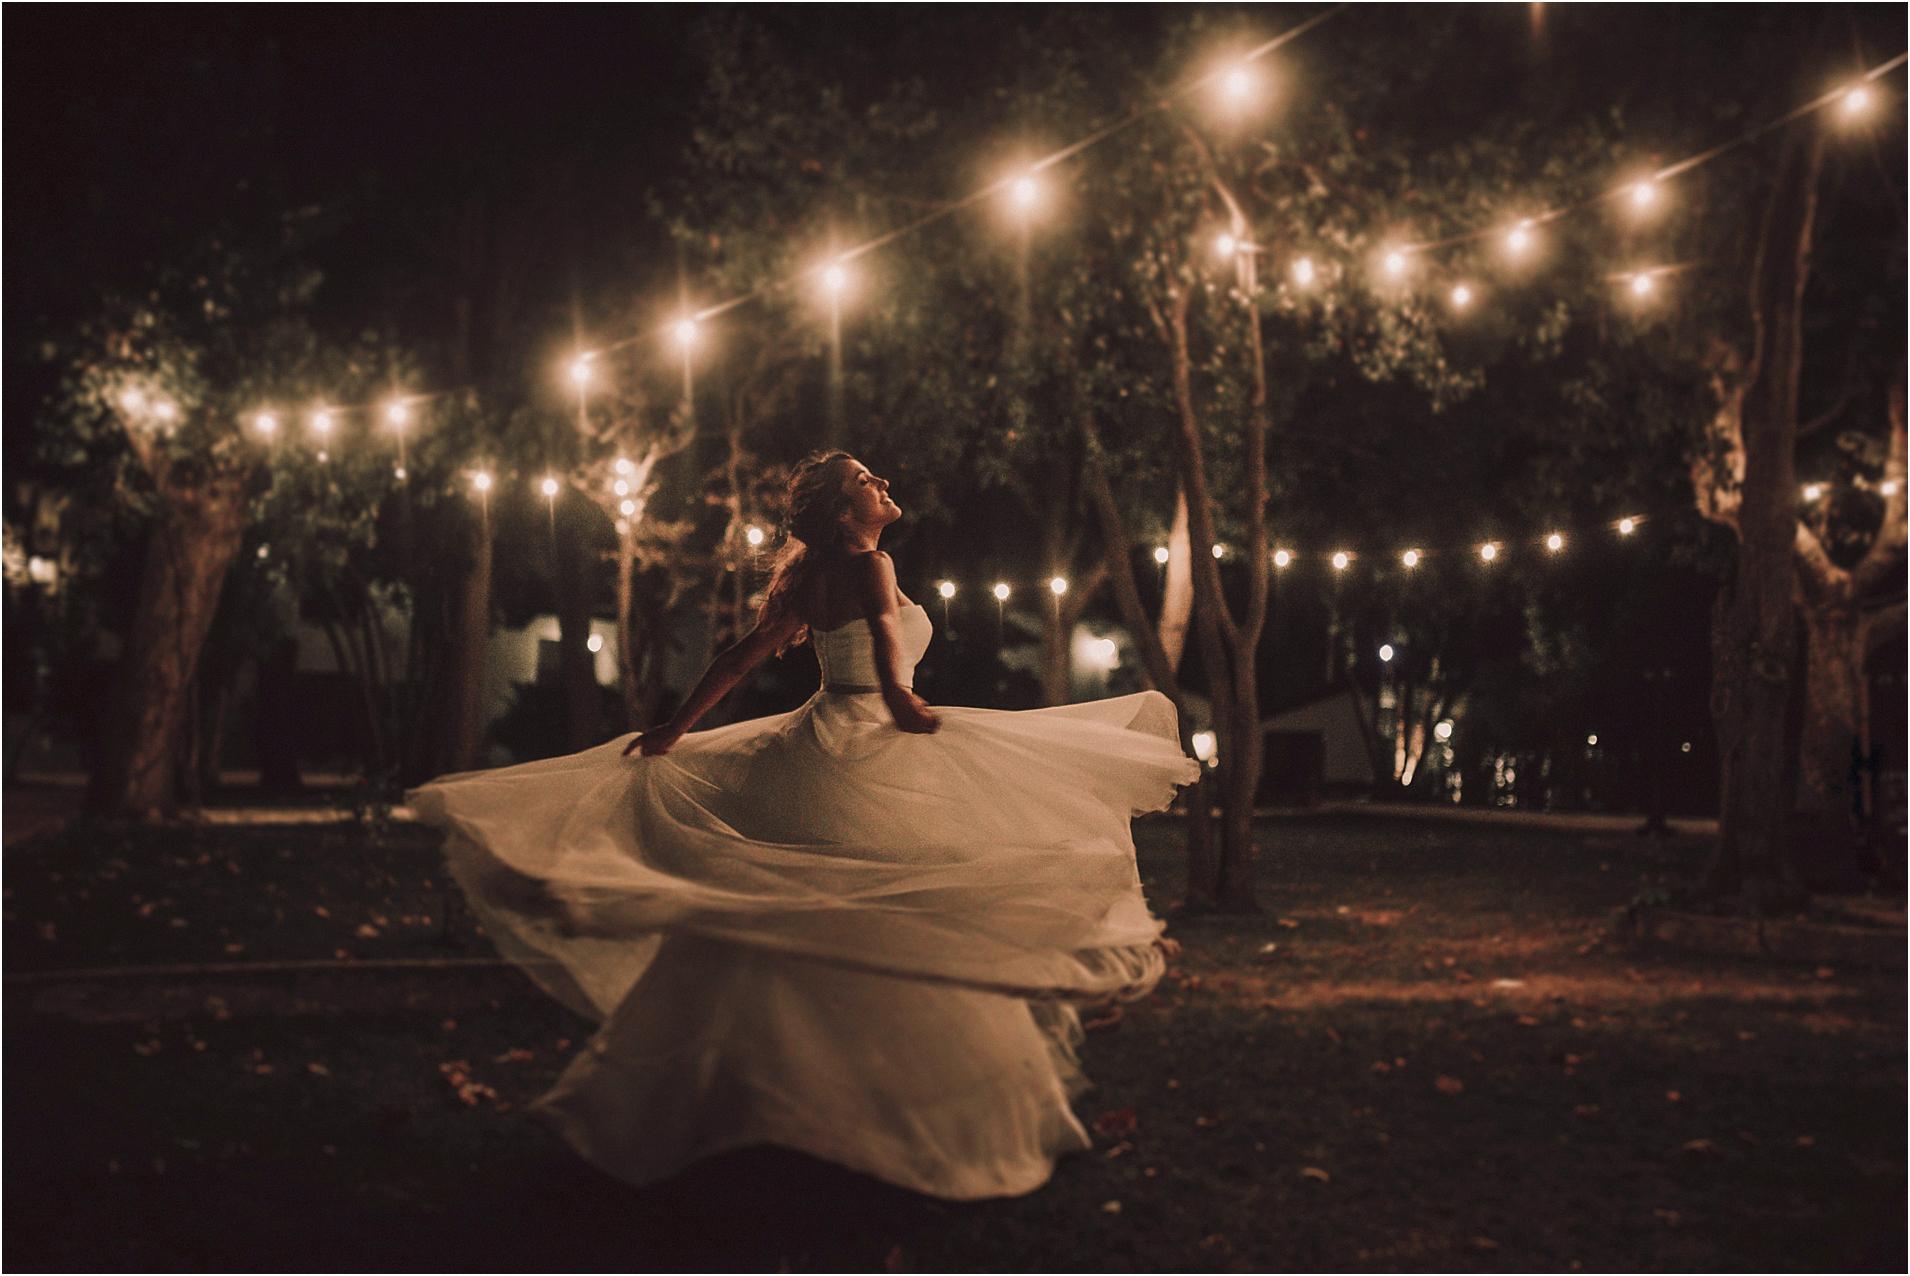 Fotografos-de-boda-donostia-zaragoza-san-sebastian-destination-wedding-photographer-119.jpg